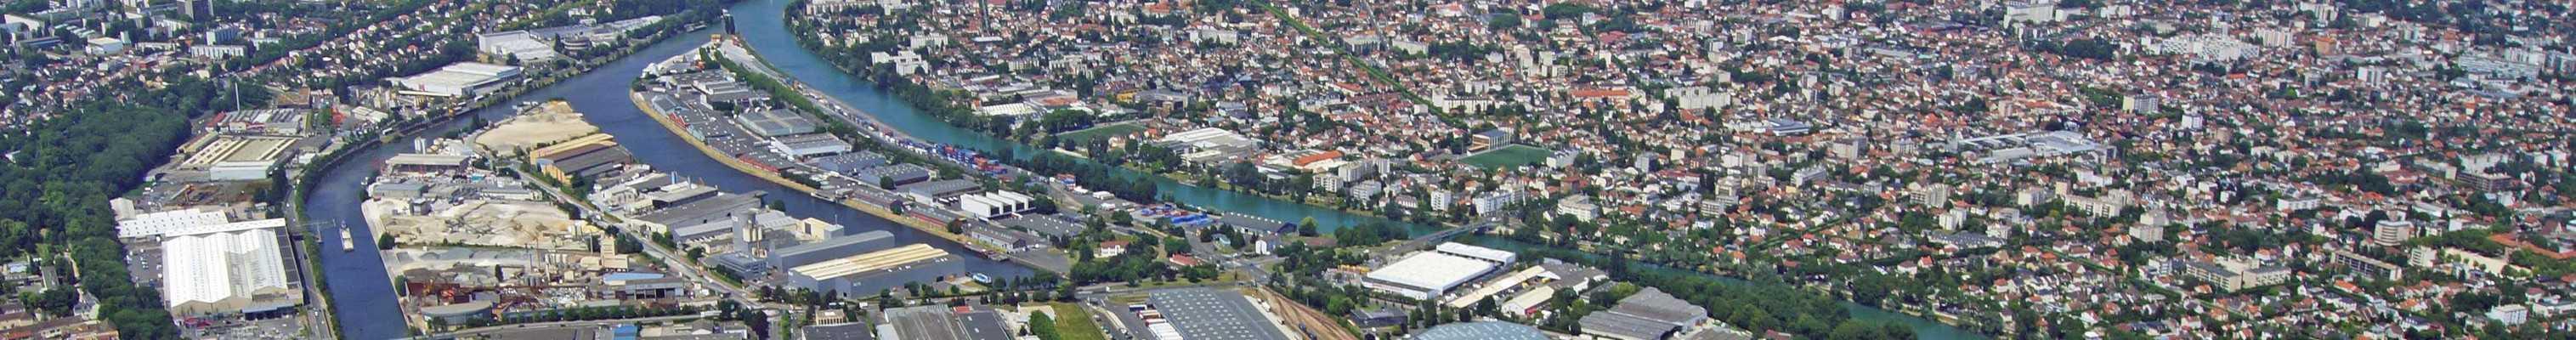 Val-de-Marne département vue du ciel